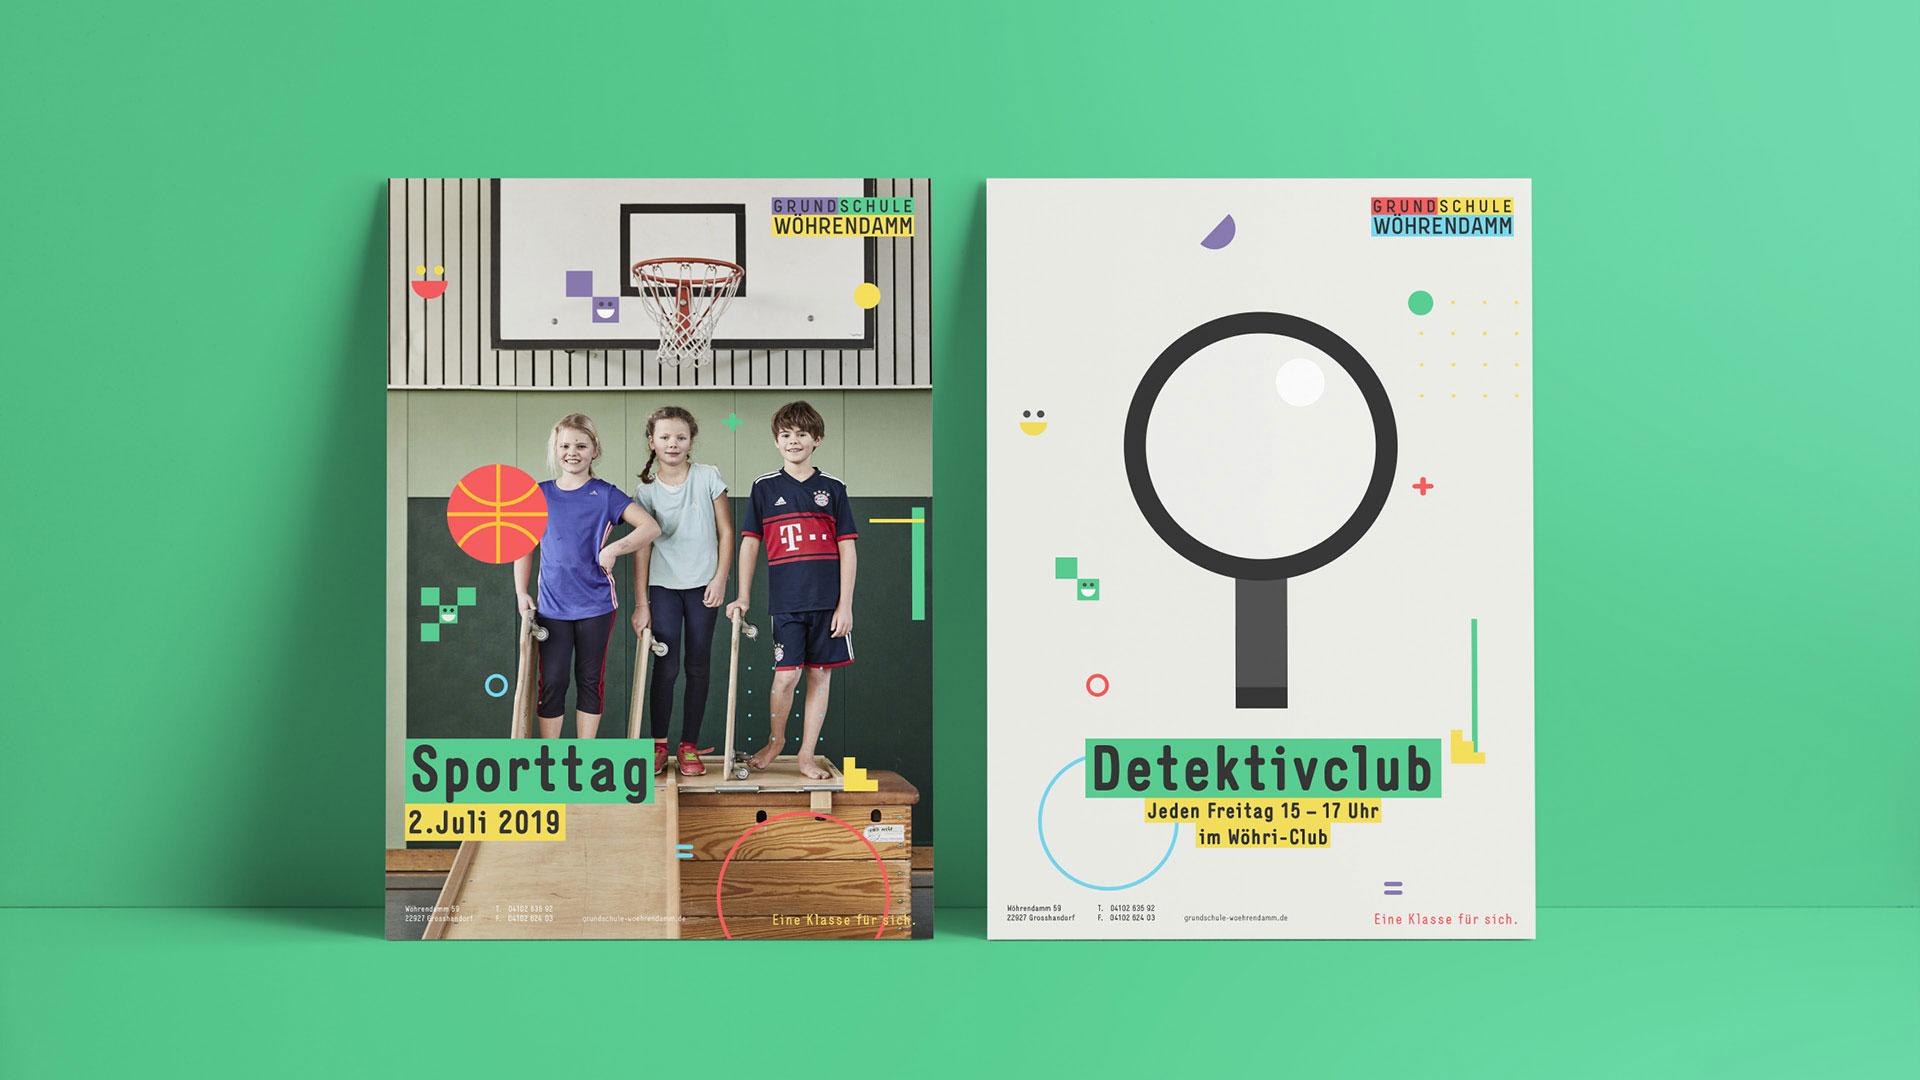 Grundschule Wöhrendamm Poster Detektivclub und Sporttag